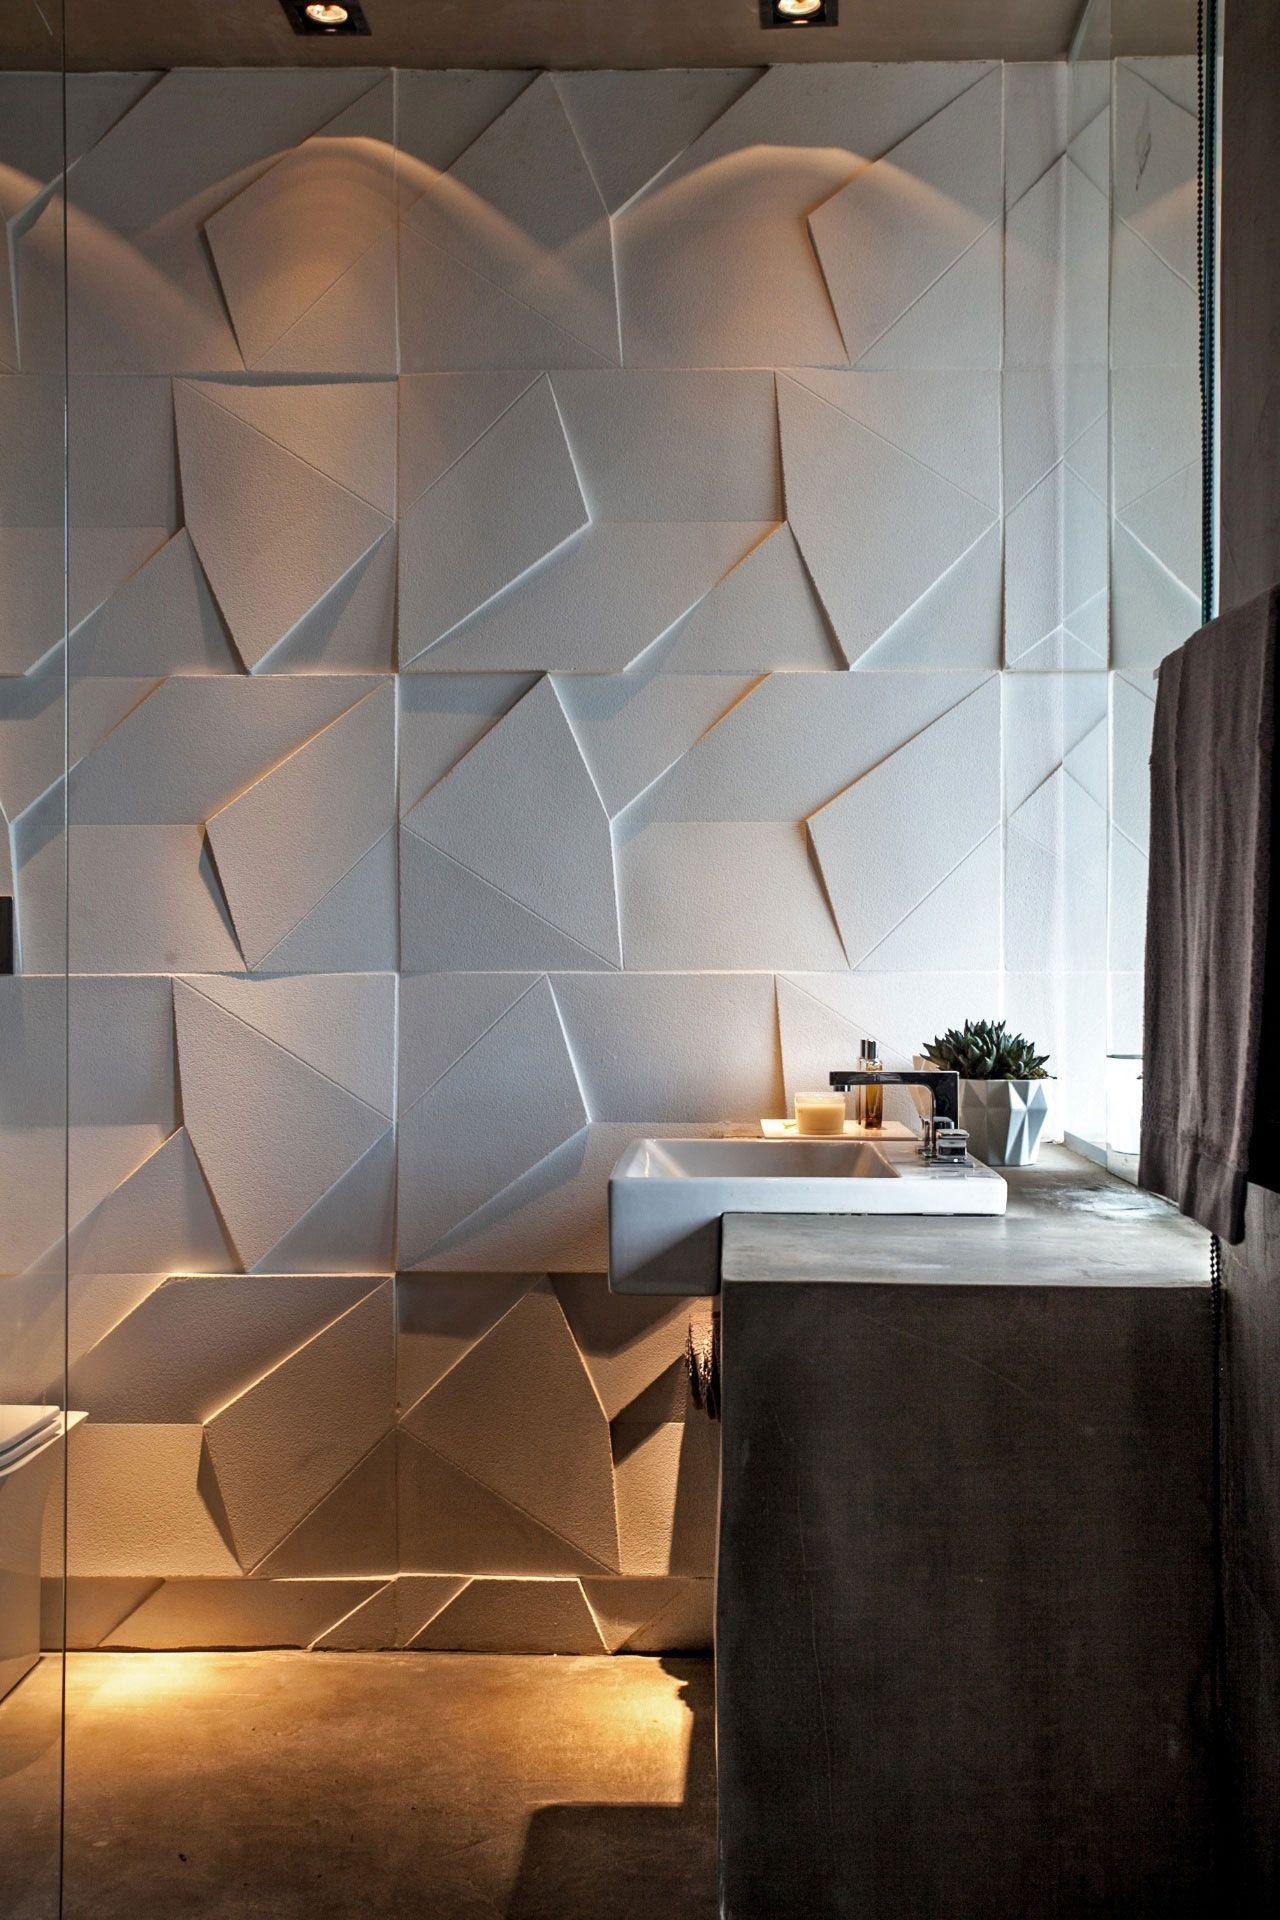 Os revestimento tridimensionais levam movimento à parede do banheiro.